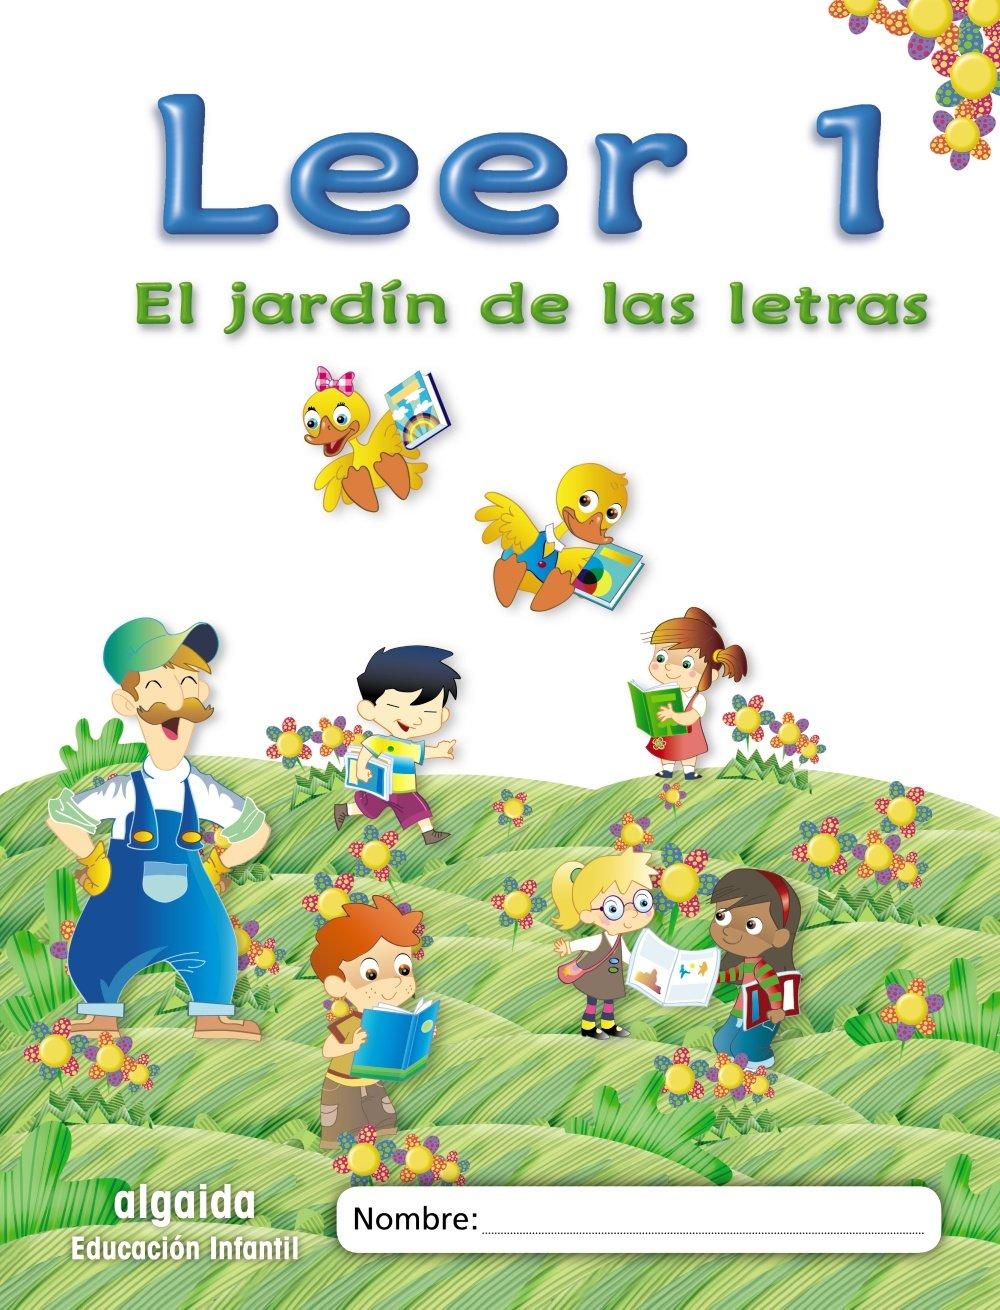 El jardín de las letras. Leer 1 Educación Infantil Educación Infantil Algaida. Lectoescritura - 9788498776041: Amazon.es: Campuzano Valiente, María Dolores: Libros